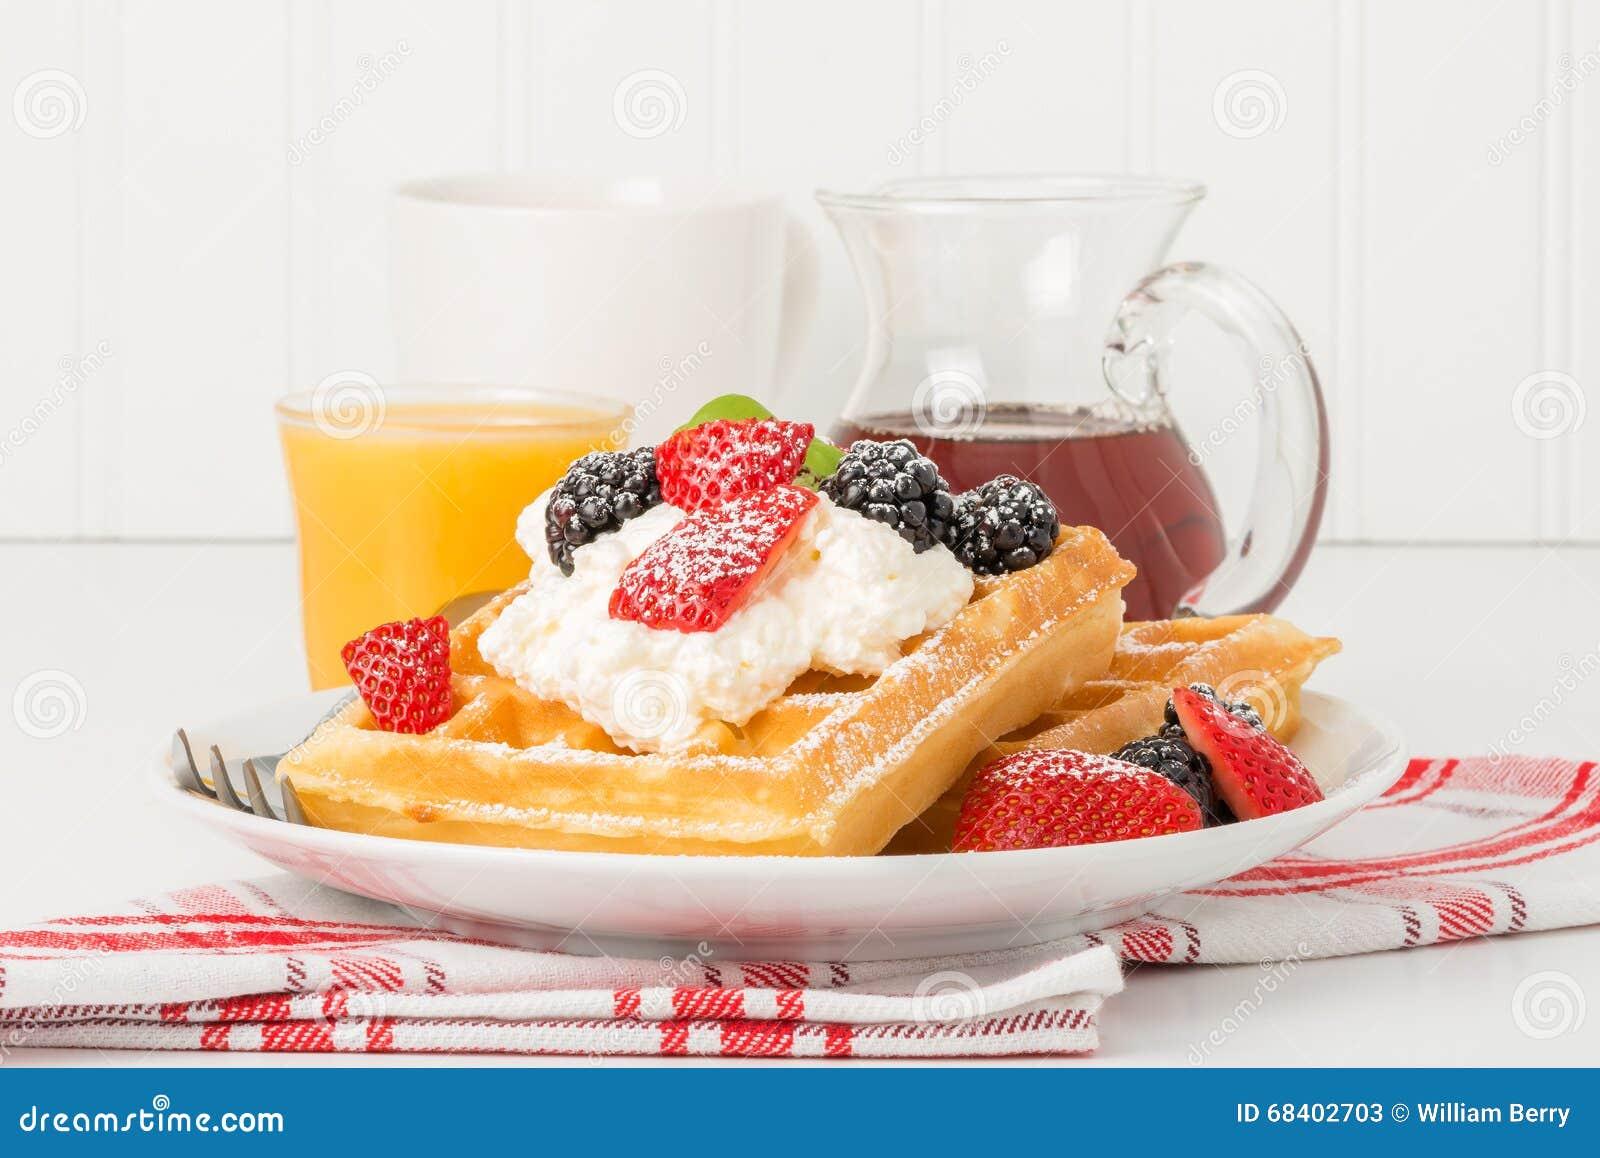 Waffles с ягодами